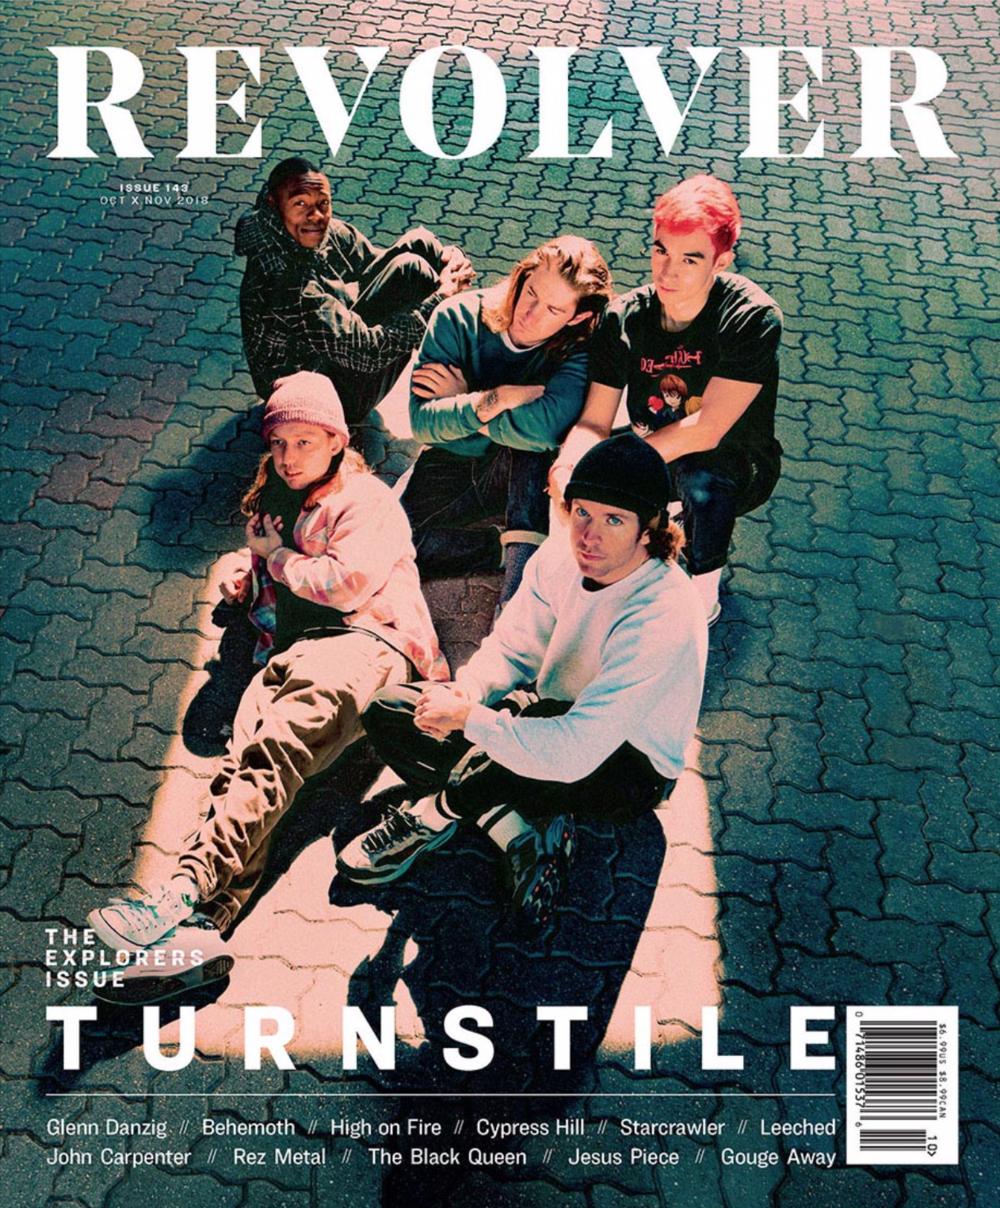 Revolver | Turnstile